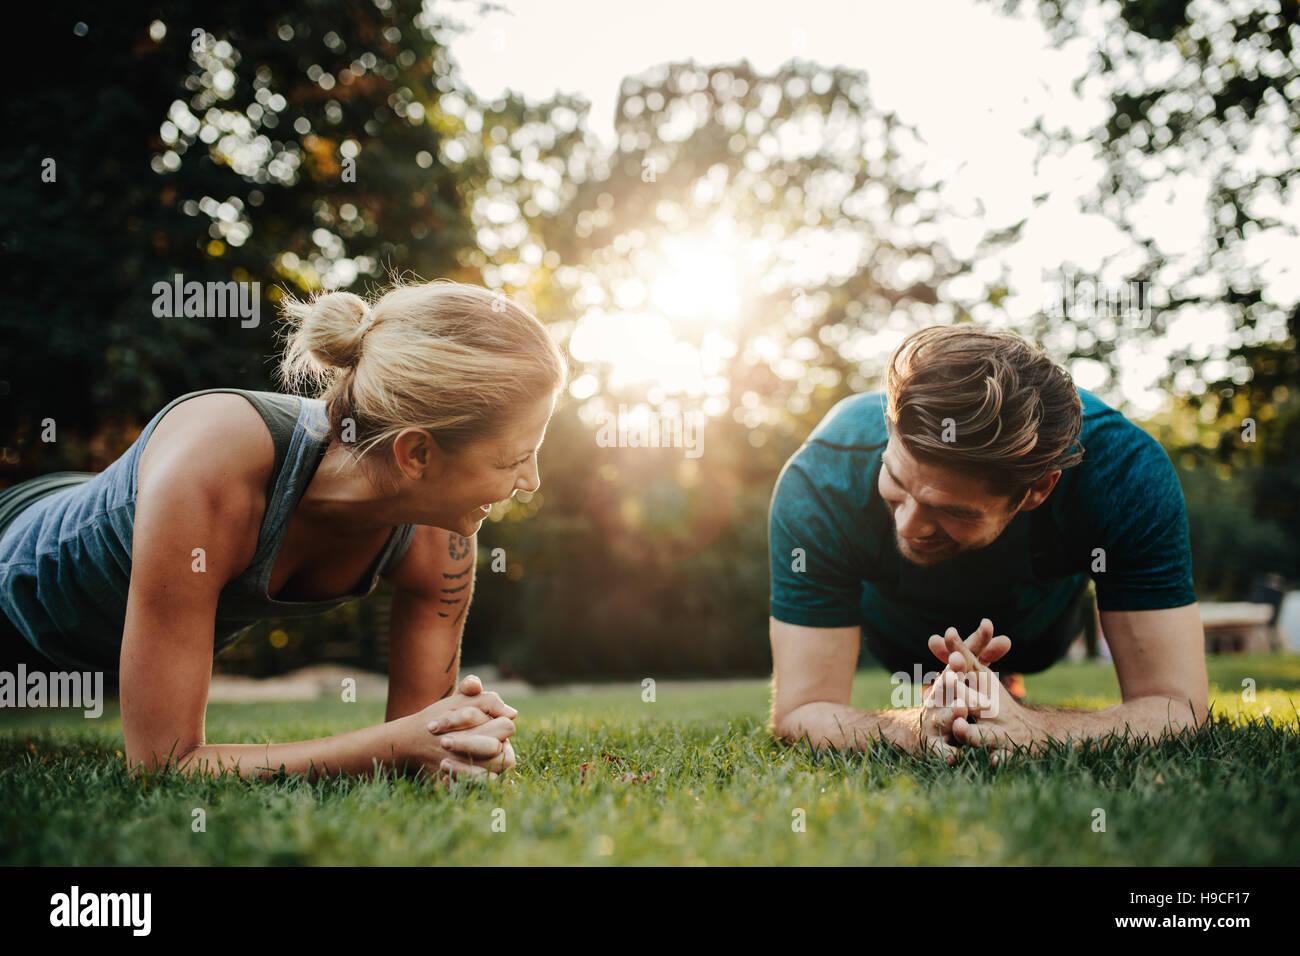 Kaukasische paar dabei Core Training zusammen im Park. Junger Mann und Frau, die Ausübung zu passen. Stockbild